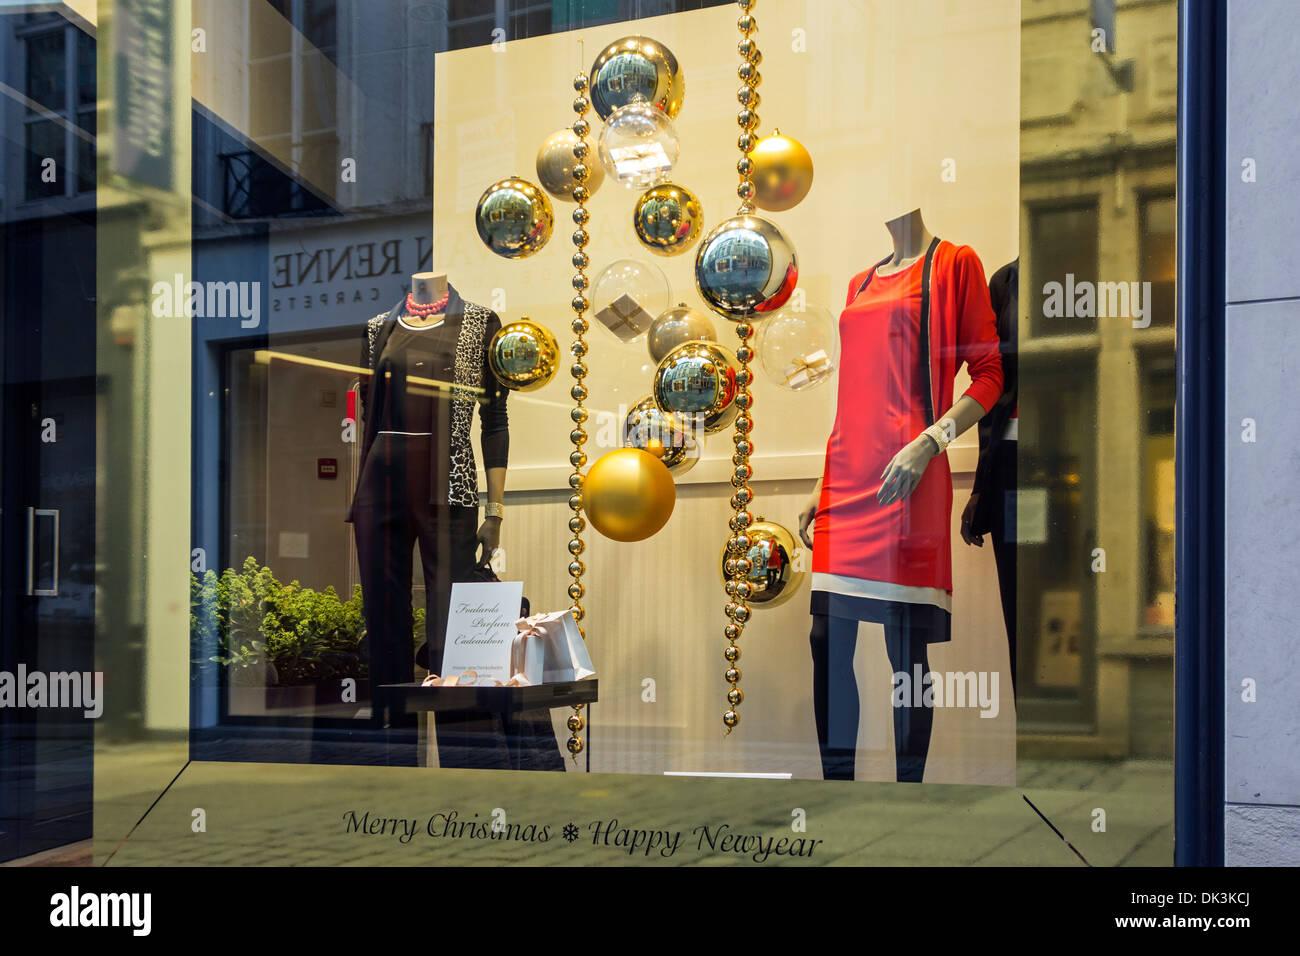 Vetrine Di Natale Abbigliamento.Le Decorazioni Di Natale In Vetrina Del Negozio Di